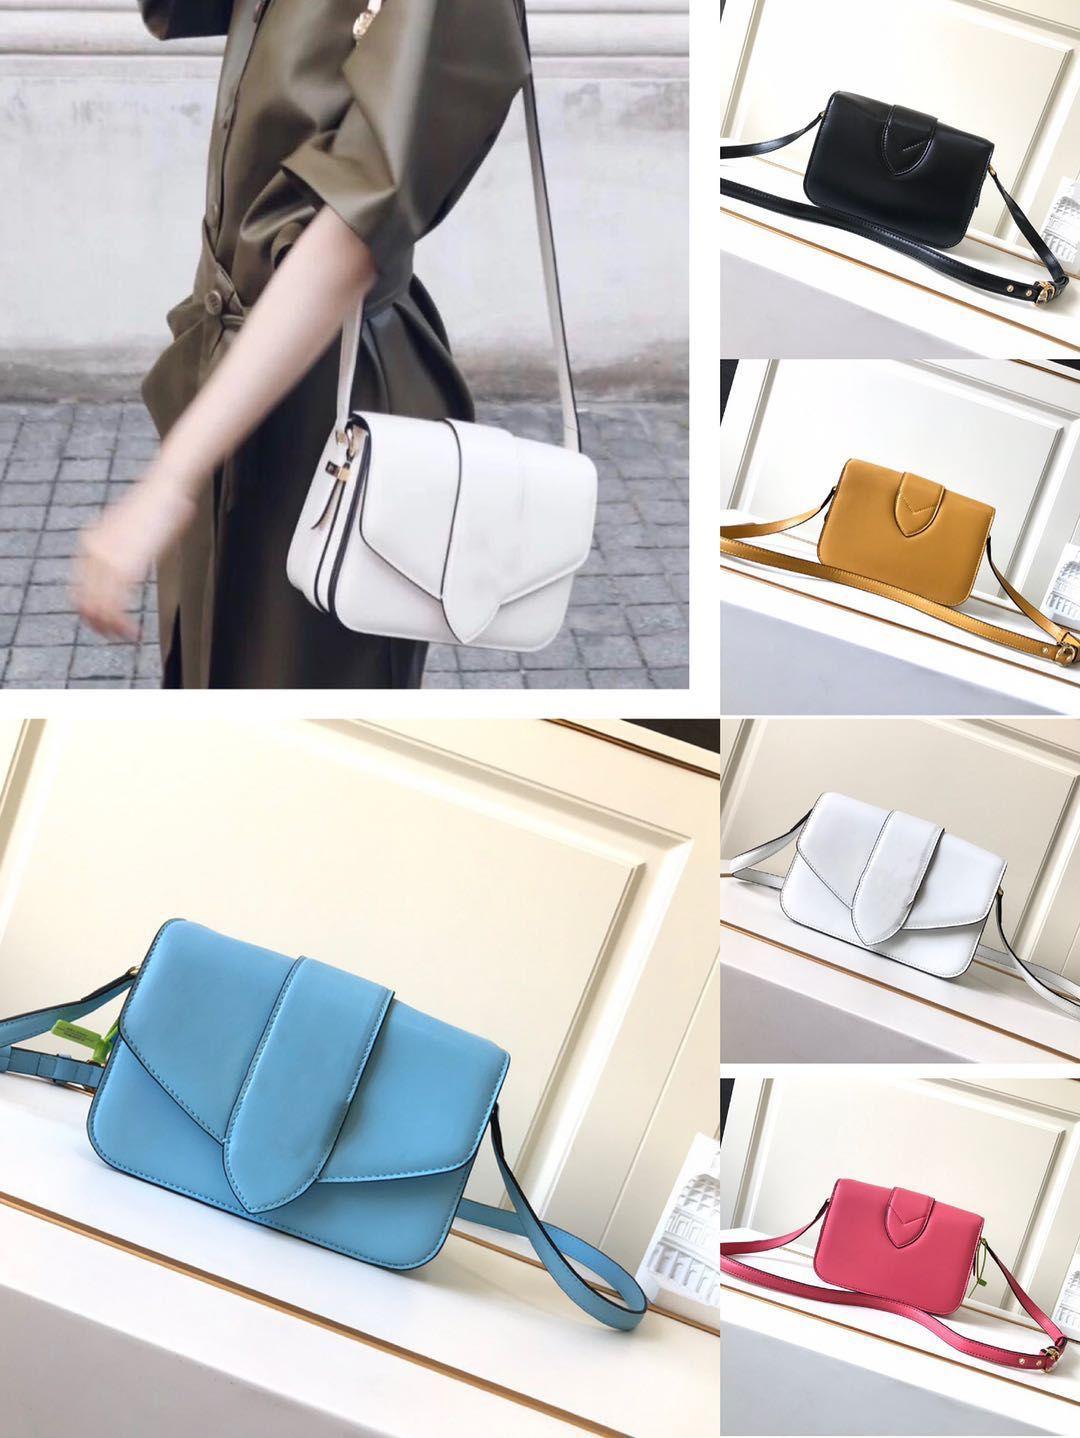 Сумочка То же звездный кошелек Crossbody сумка высокого качества подлинная сумка сумки плечо мода плеча стиль кожа пять цвет MABMV